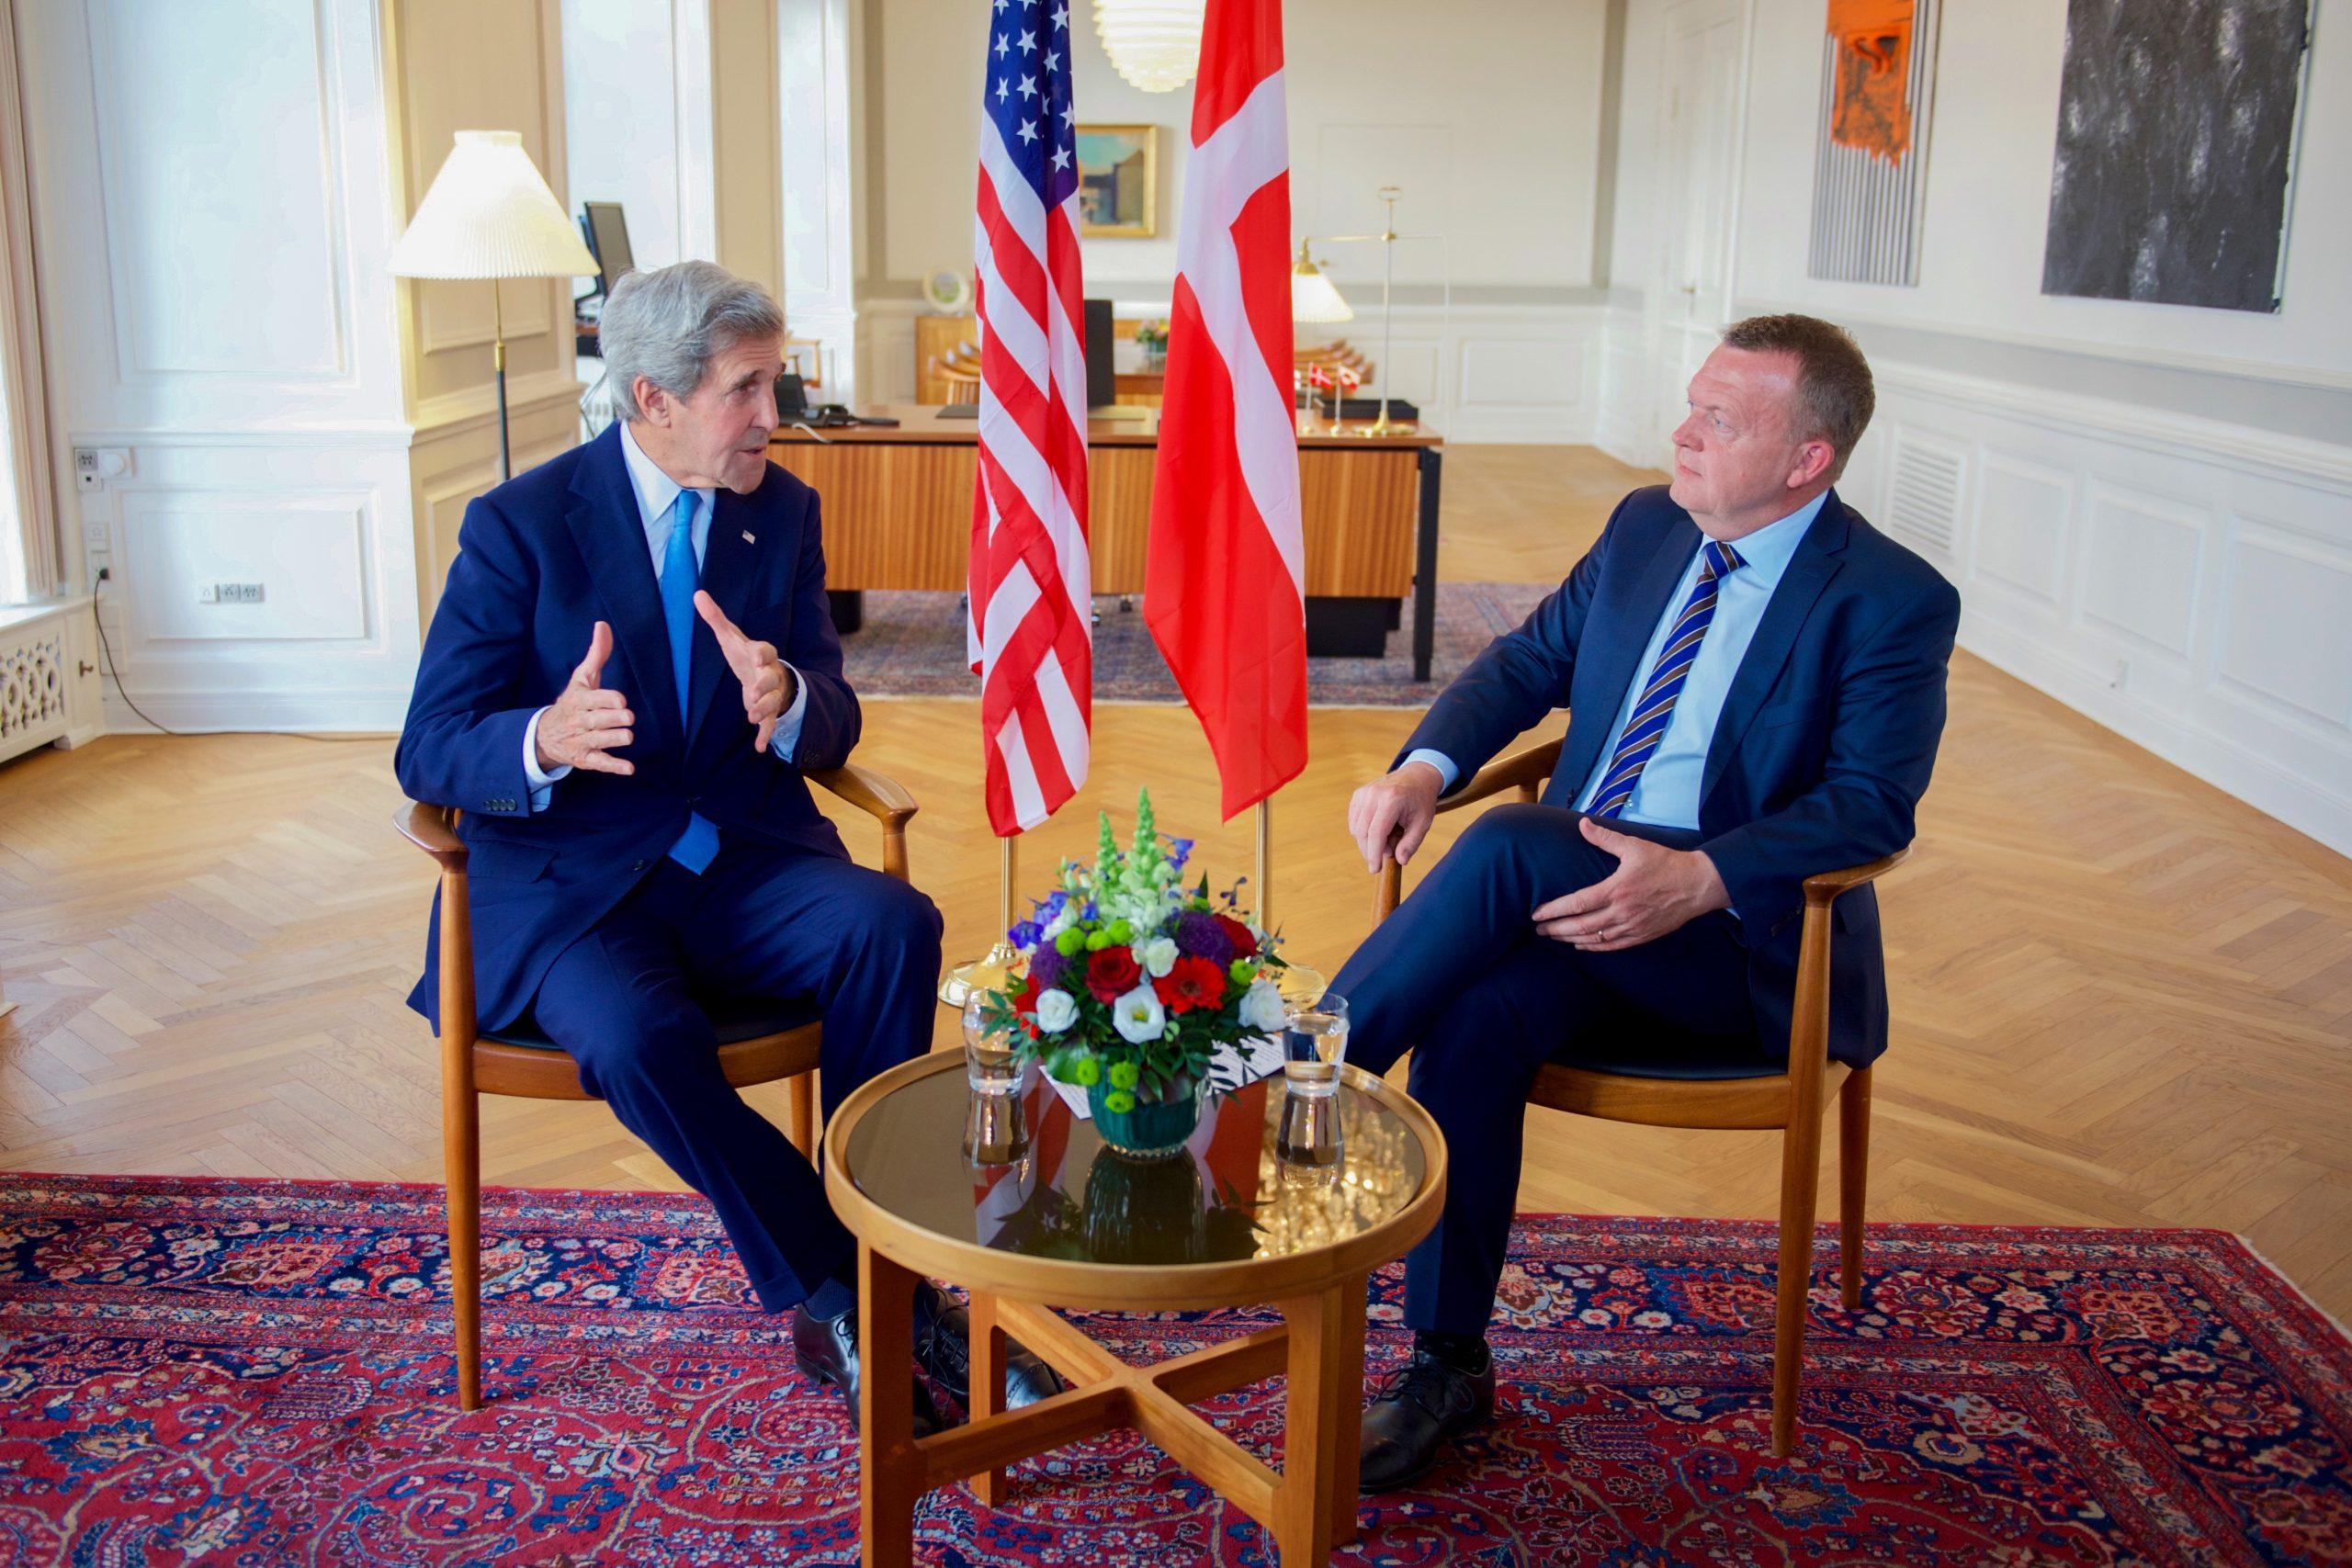 Den daværende amerikanske udenrigsminister, John Kerry, og den daværende danske statsminister, Lars Løkke Rasmussen, sidder på statsministerens kontor i et par originale Wegner-stolen under John Kerrys besøg i København i juni 2016. Foto: State Department photo/ Public Domain.